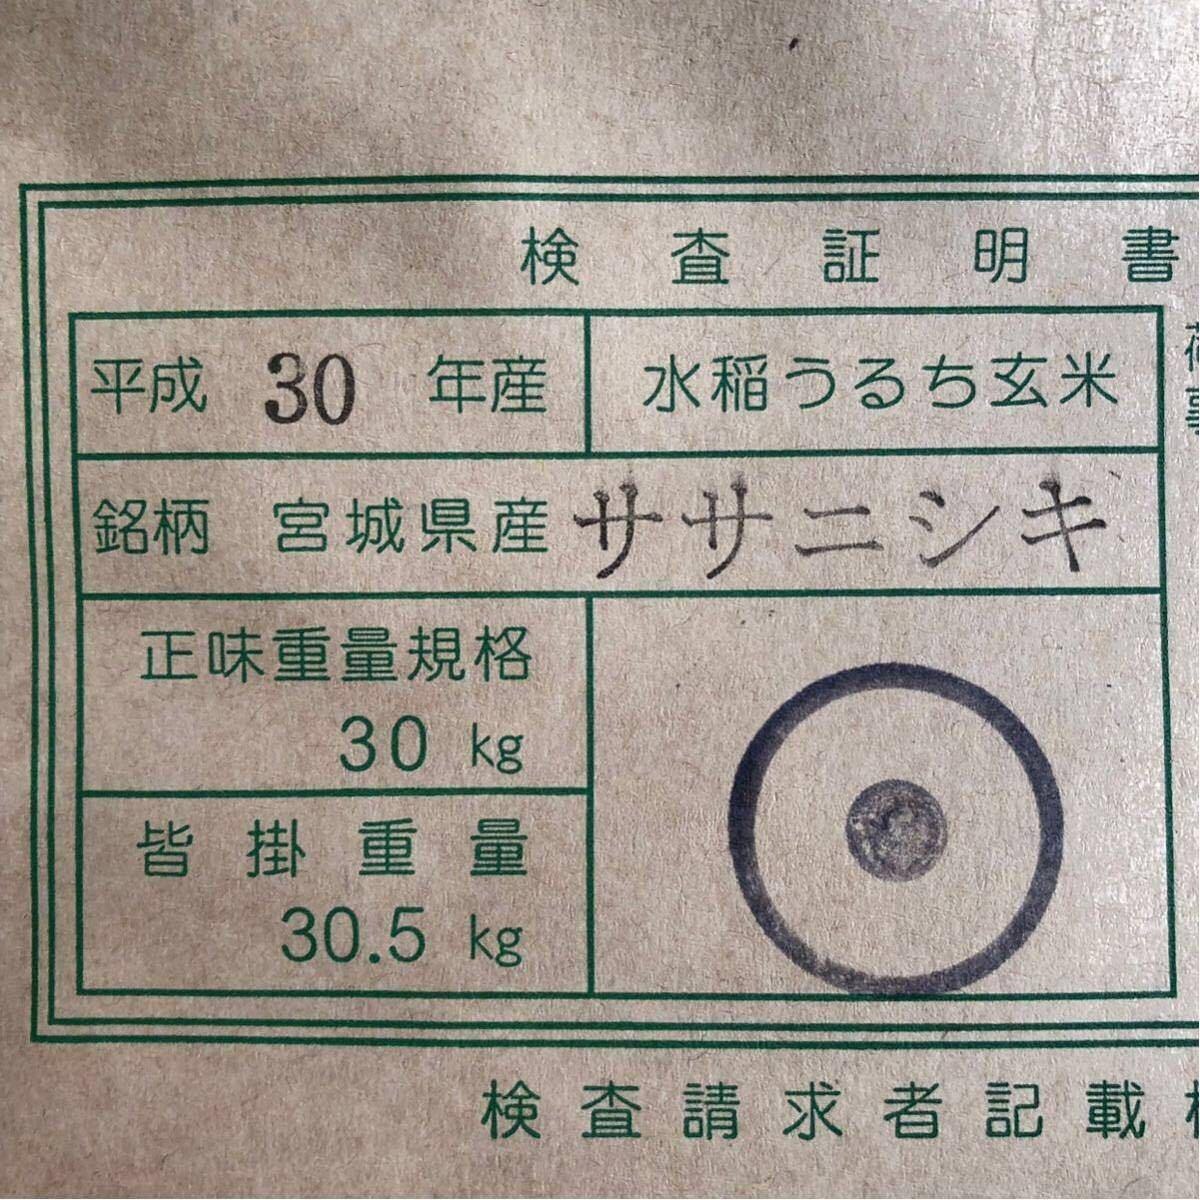 特Aランク取得!検査1等 平成30年産 宮城 ササニシキ 玄米30kg 数量限定 希少品種 玄米10kg3袋小分け発送!